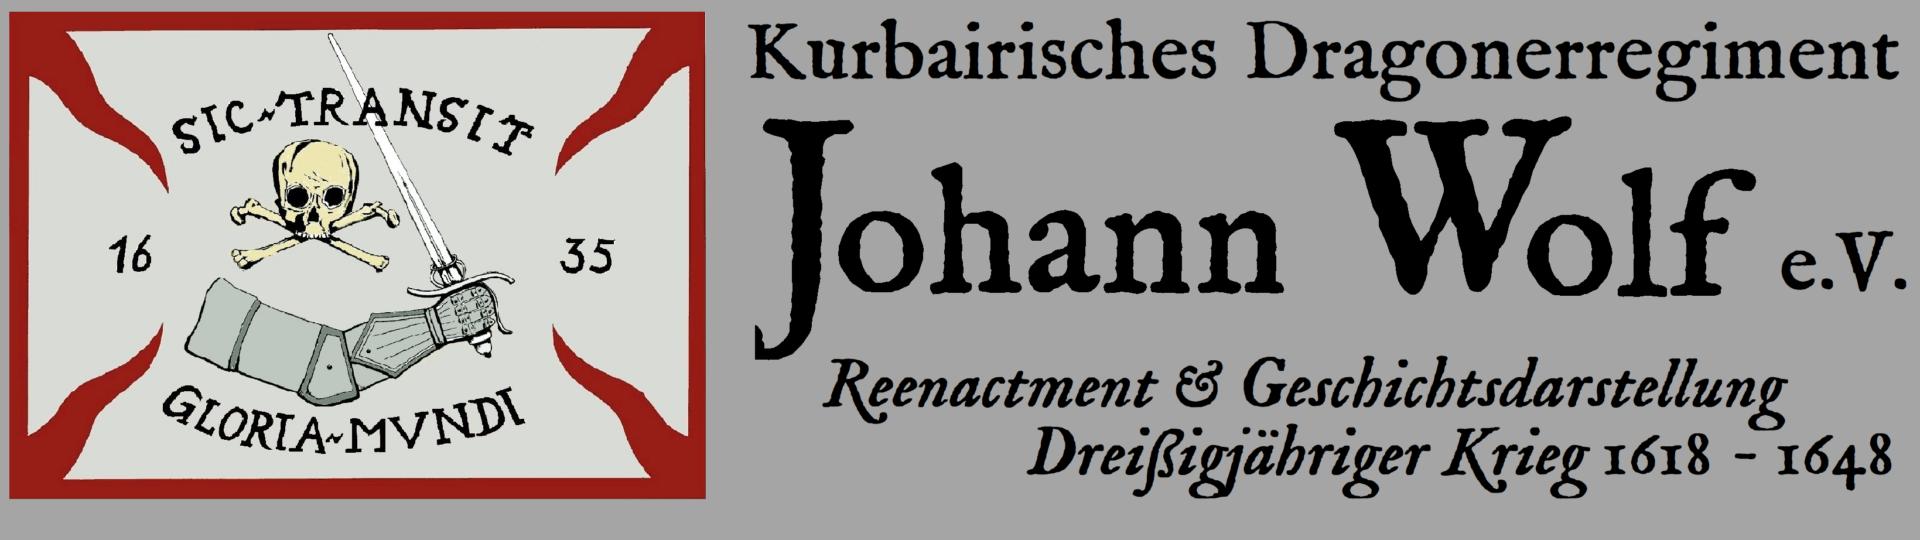 Kurbairisches Dragonerregiment Johann Wolf e.V.